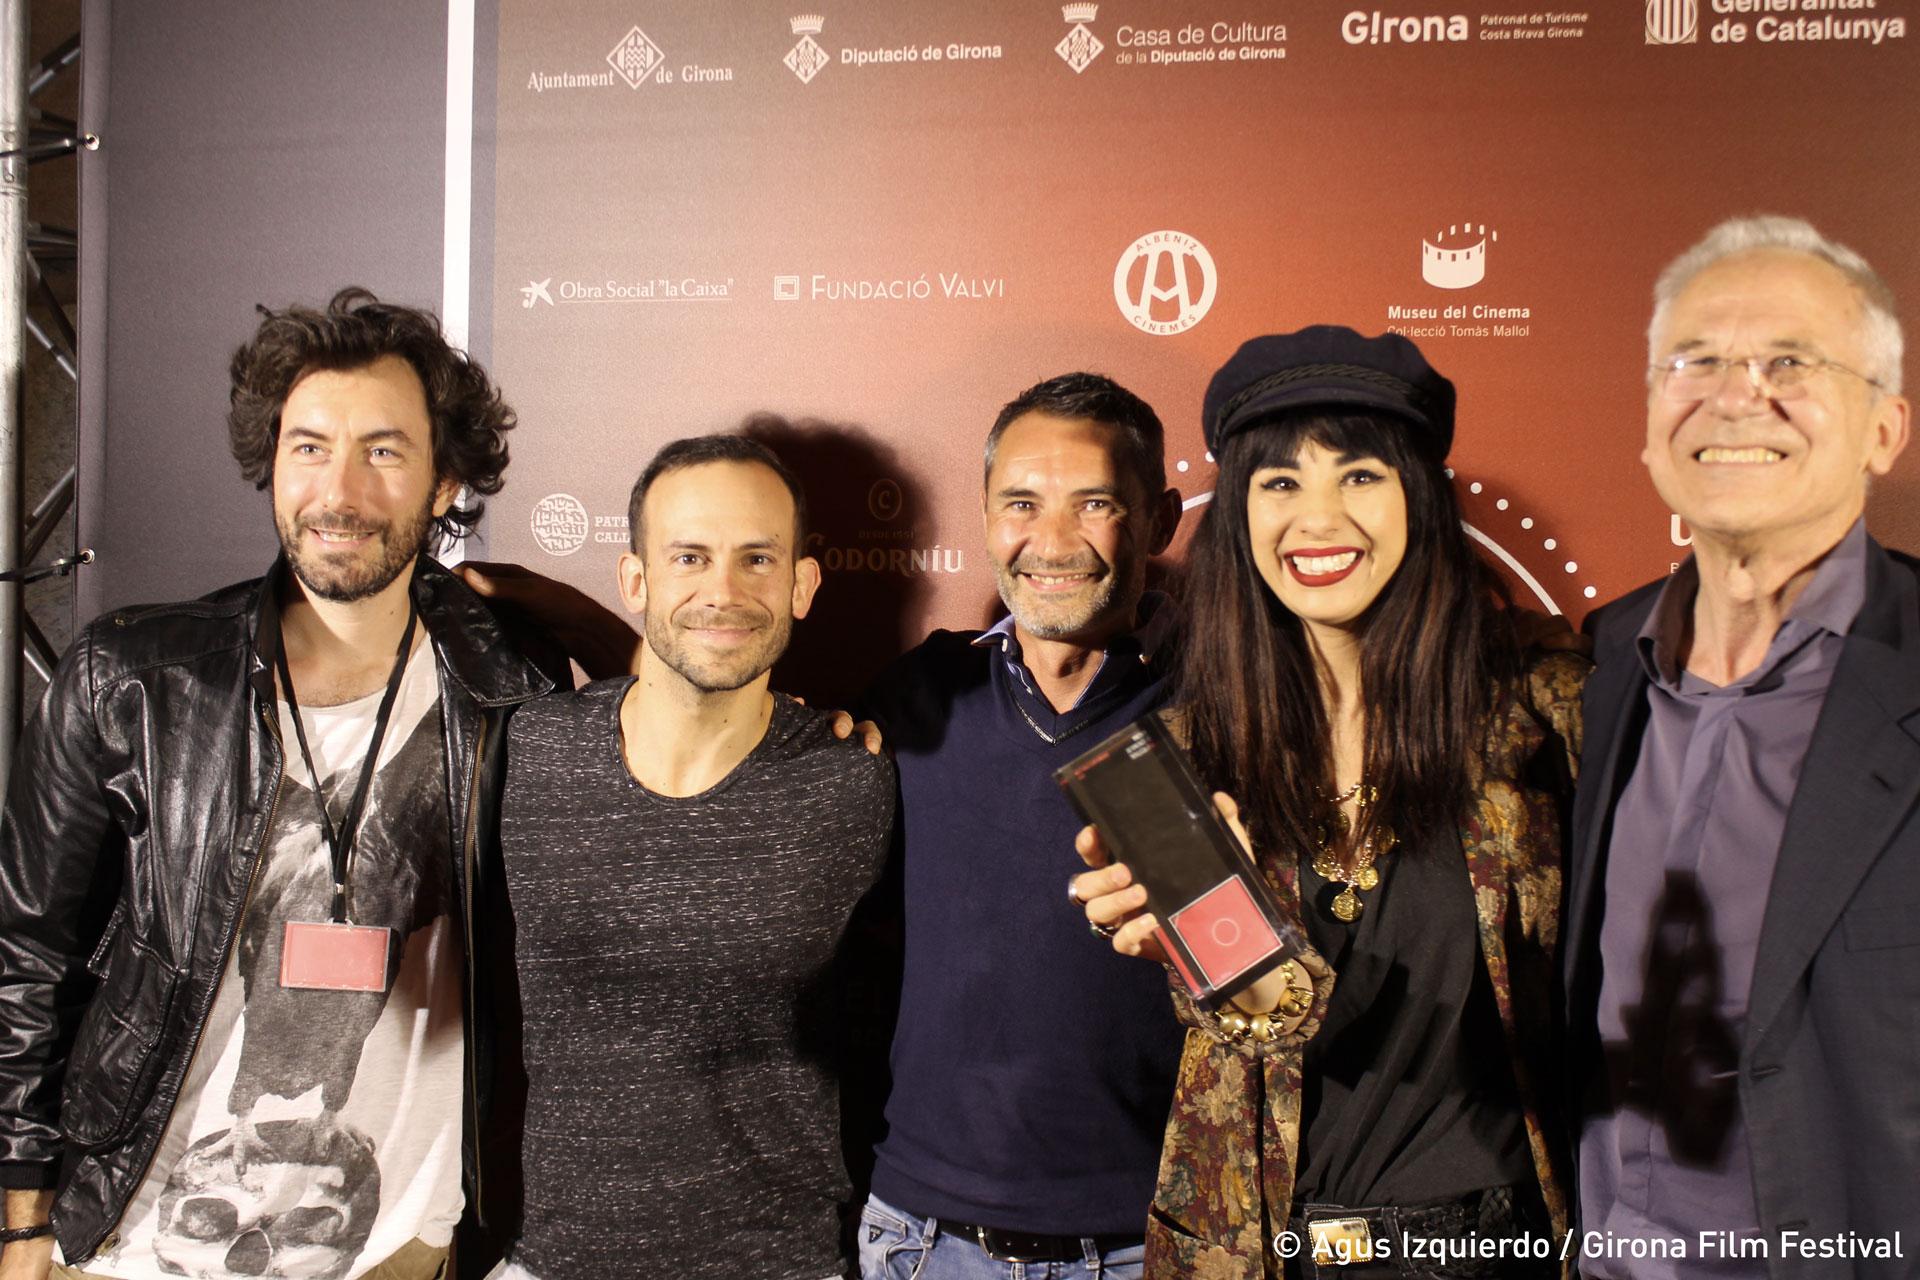 Nicolas Luquet, sound designer et compositeur, Nicolas Bordier, directeur de la photographie, Vincent Bouyer, acteur, Aurélia Mengin, et Lluis Valenti, directeur du festival de Girona